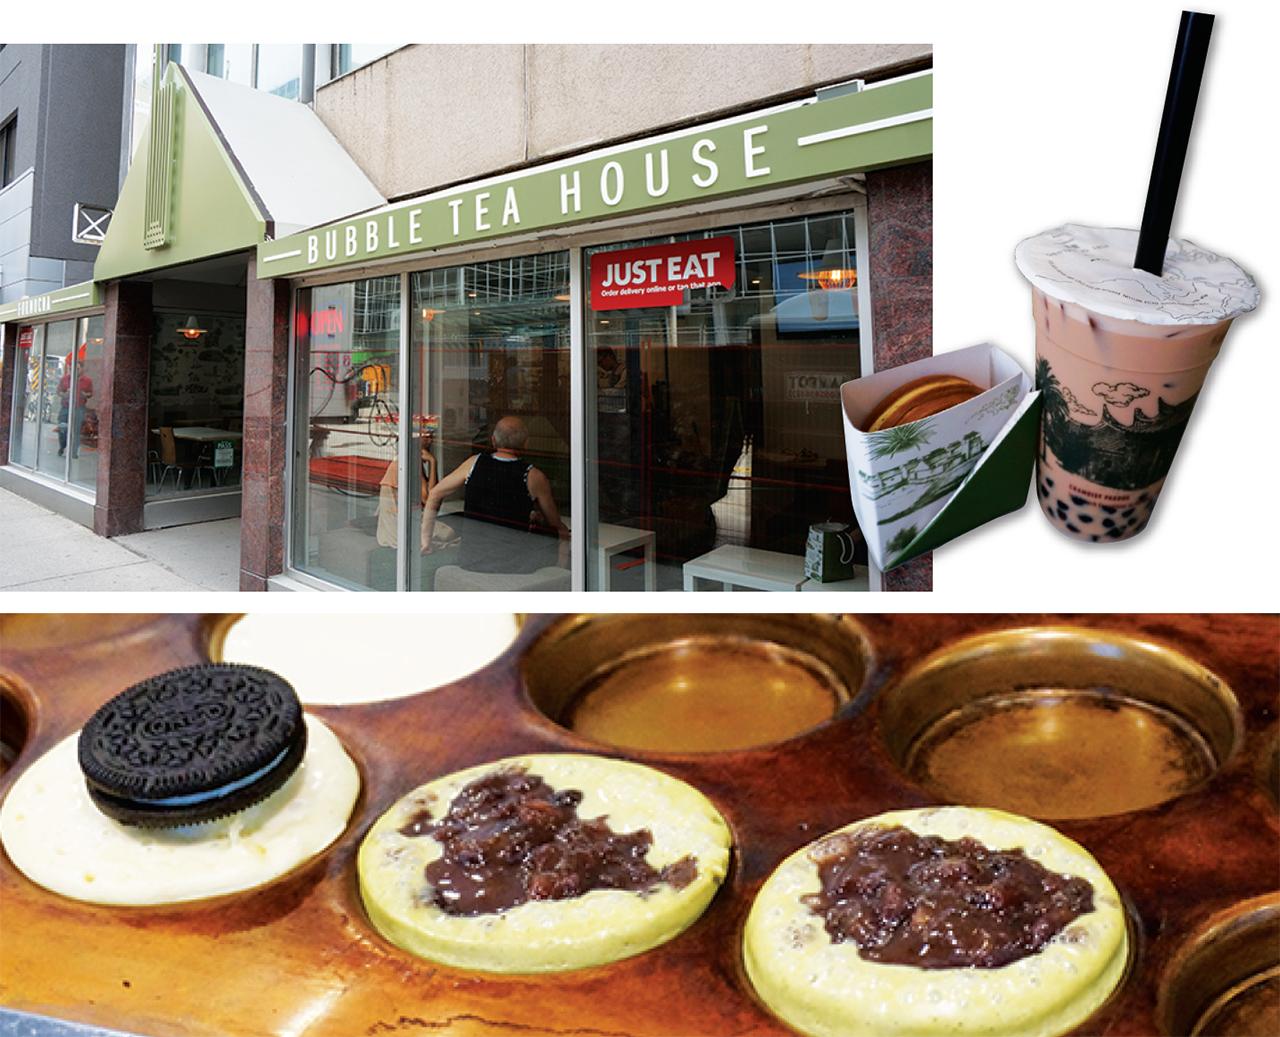 左上:外観の様子  右上: ドリンク+$2でデザートもつくお得なコンボ   下: 店内で作られる手作りデザート